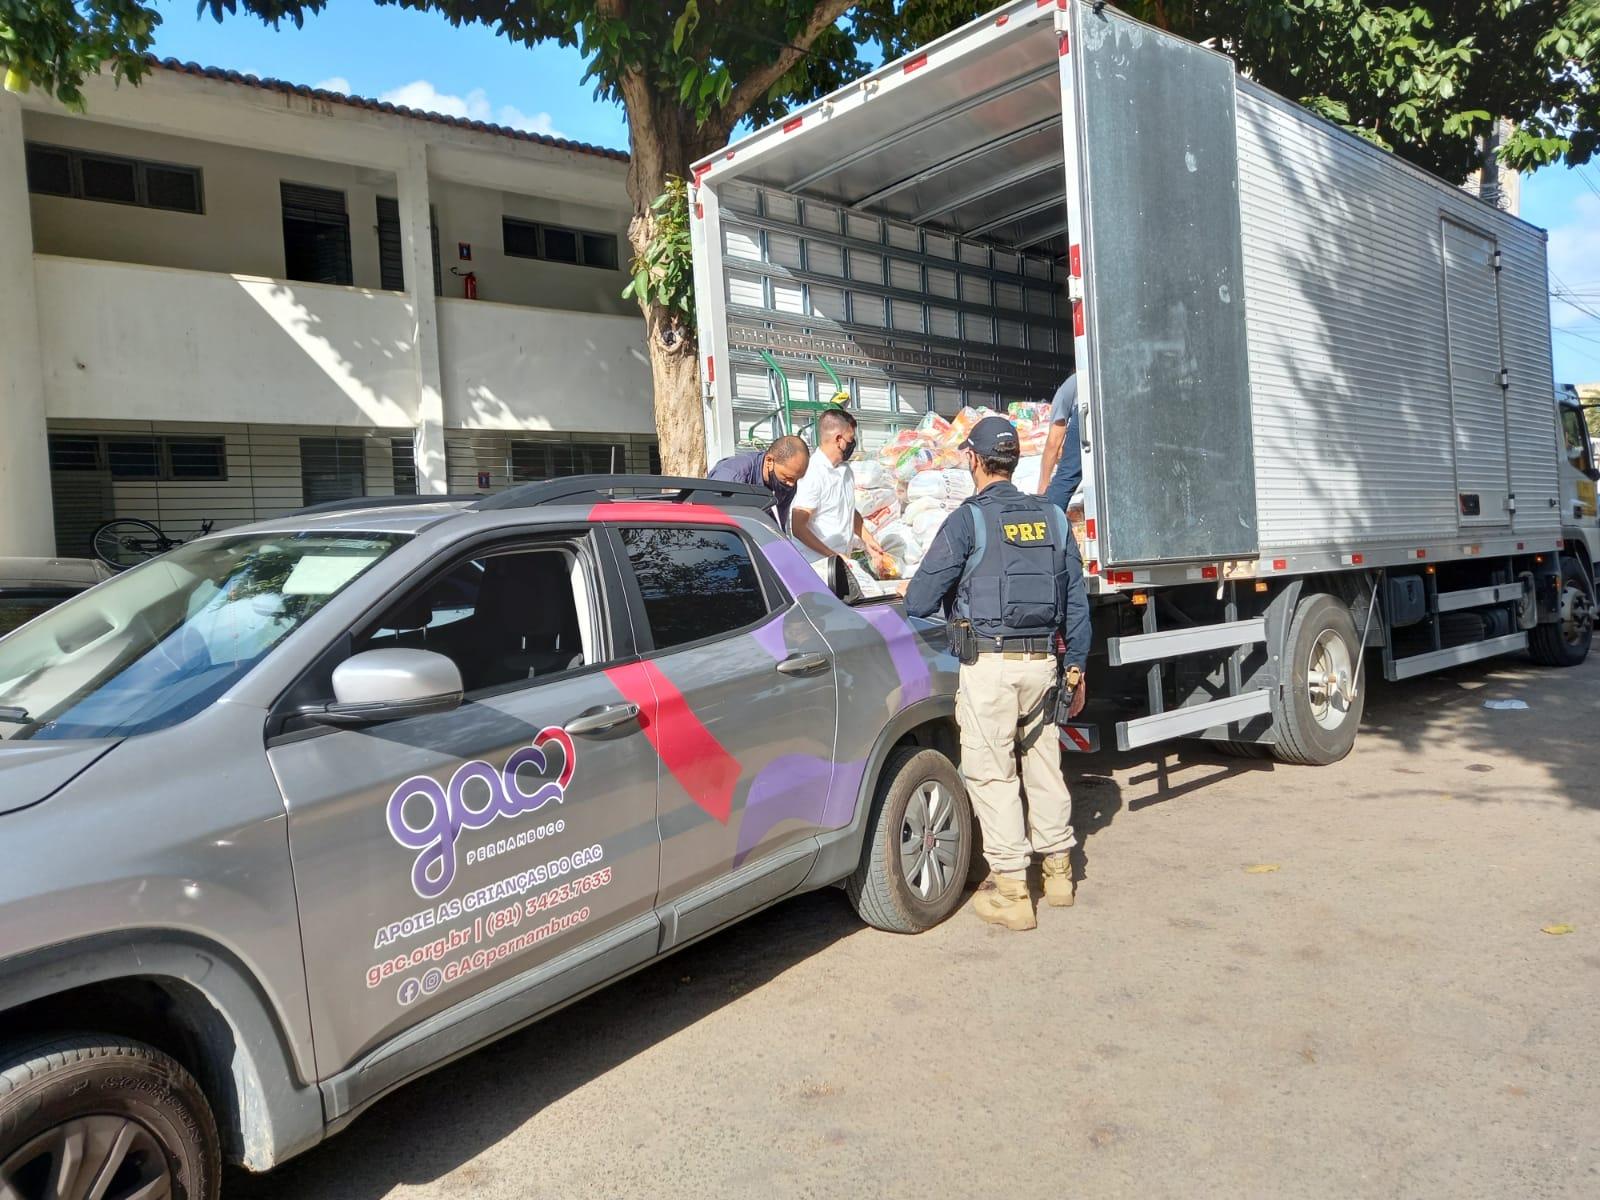 Campanha arrecadou mais de 60 toneladas de alimentos em Pernambuco. (PRF/Divulgação)